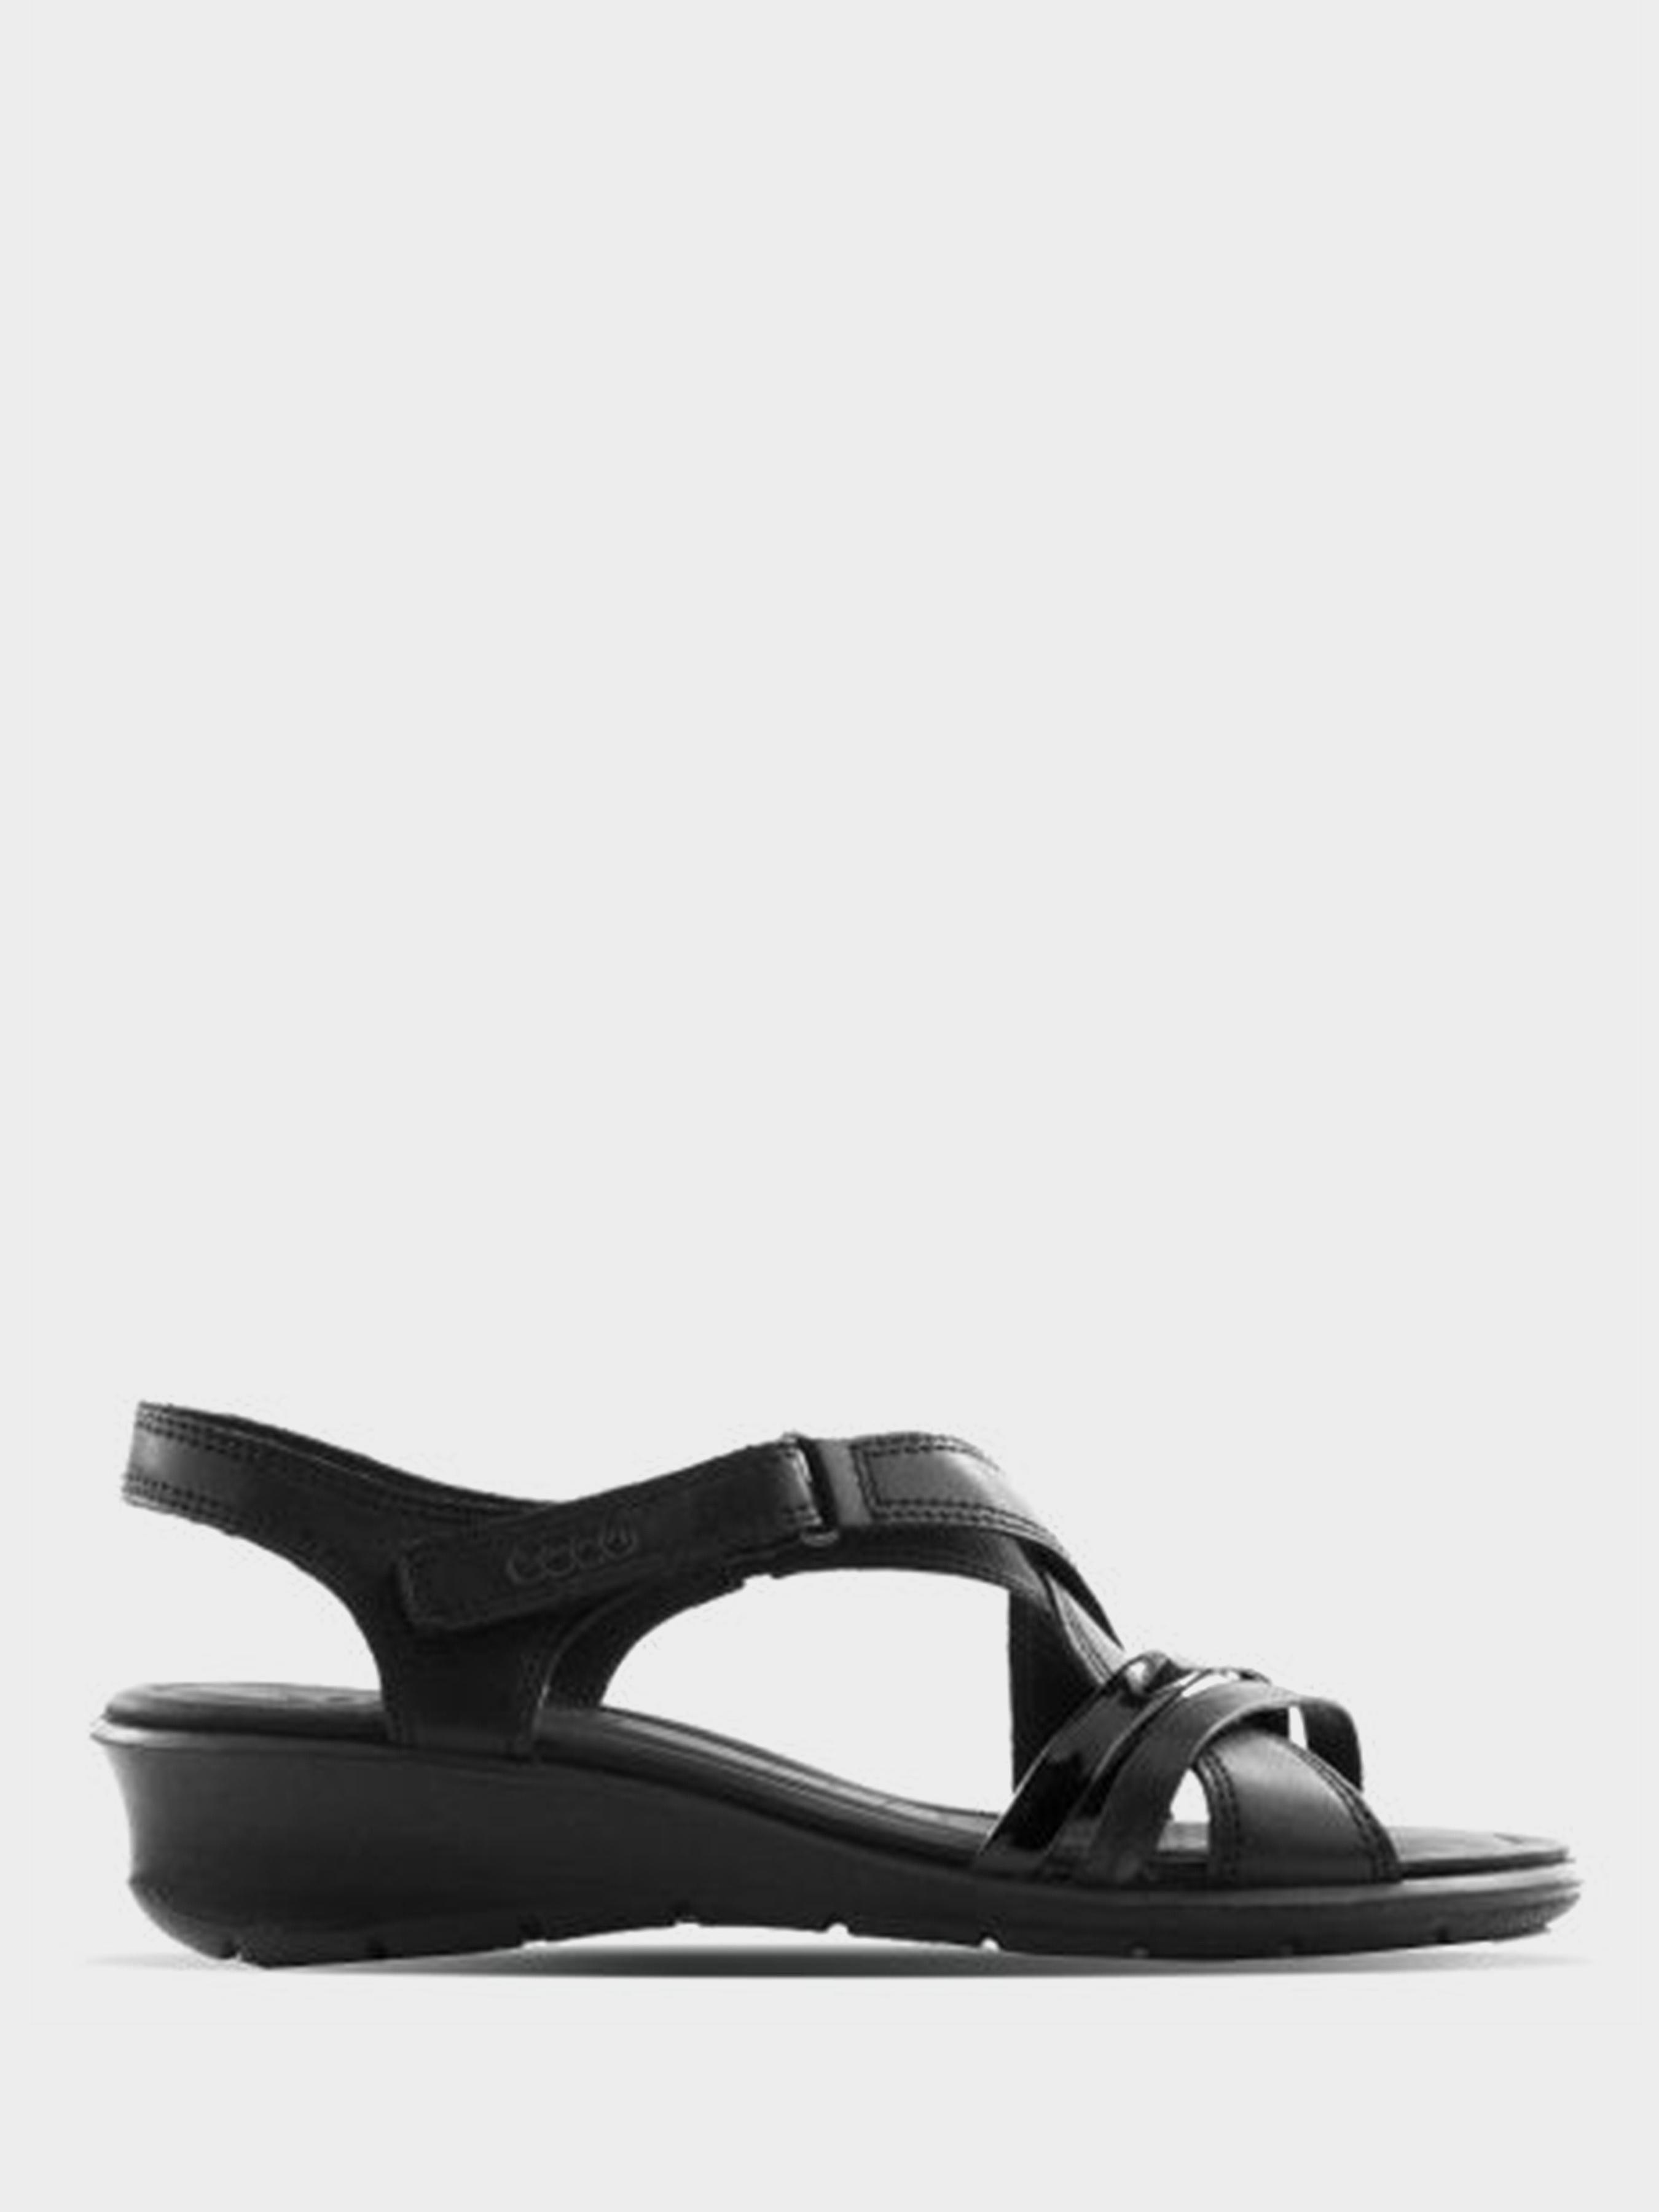 жіночі сандалі ecco felicia sandal 216513(51707) шкіряні